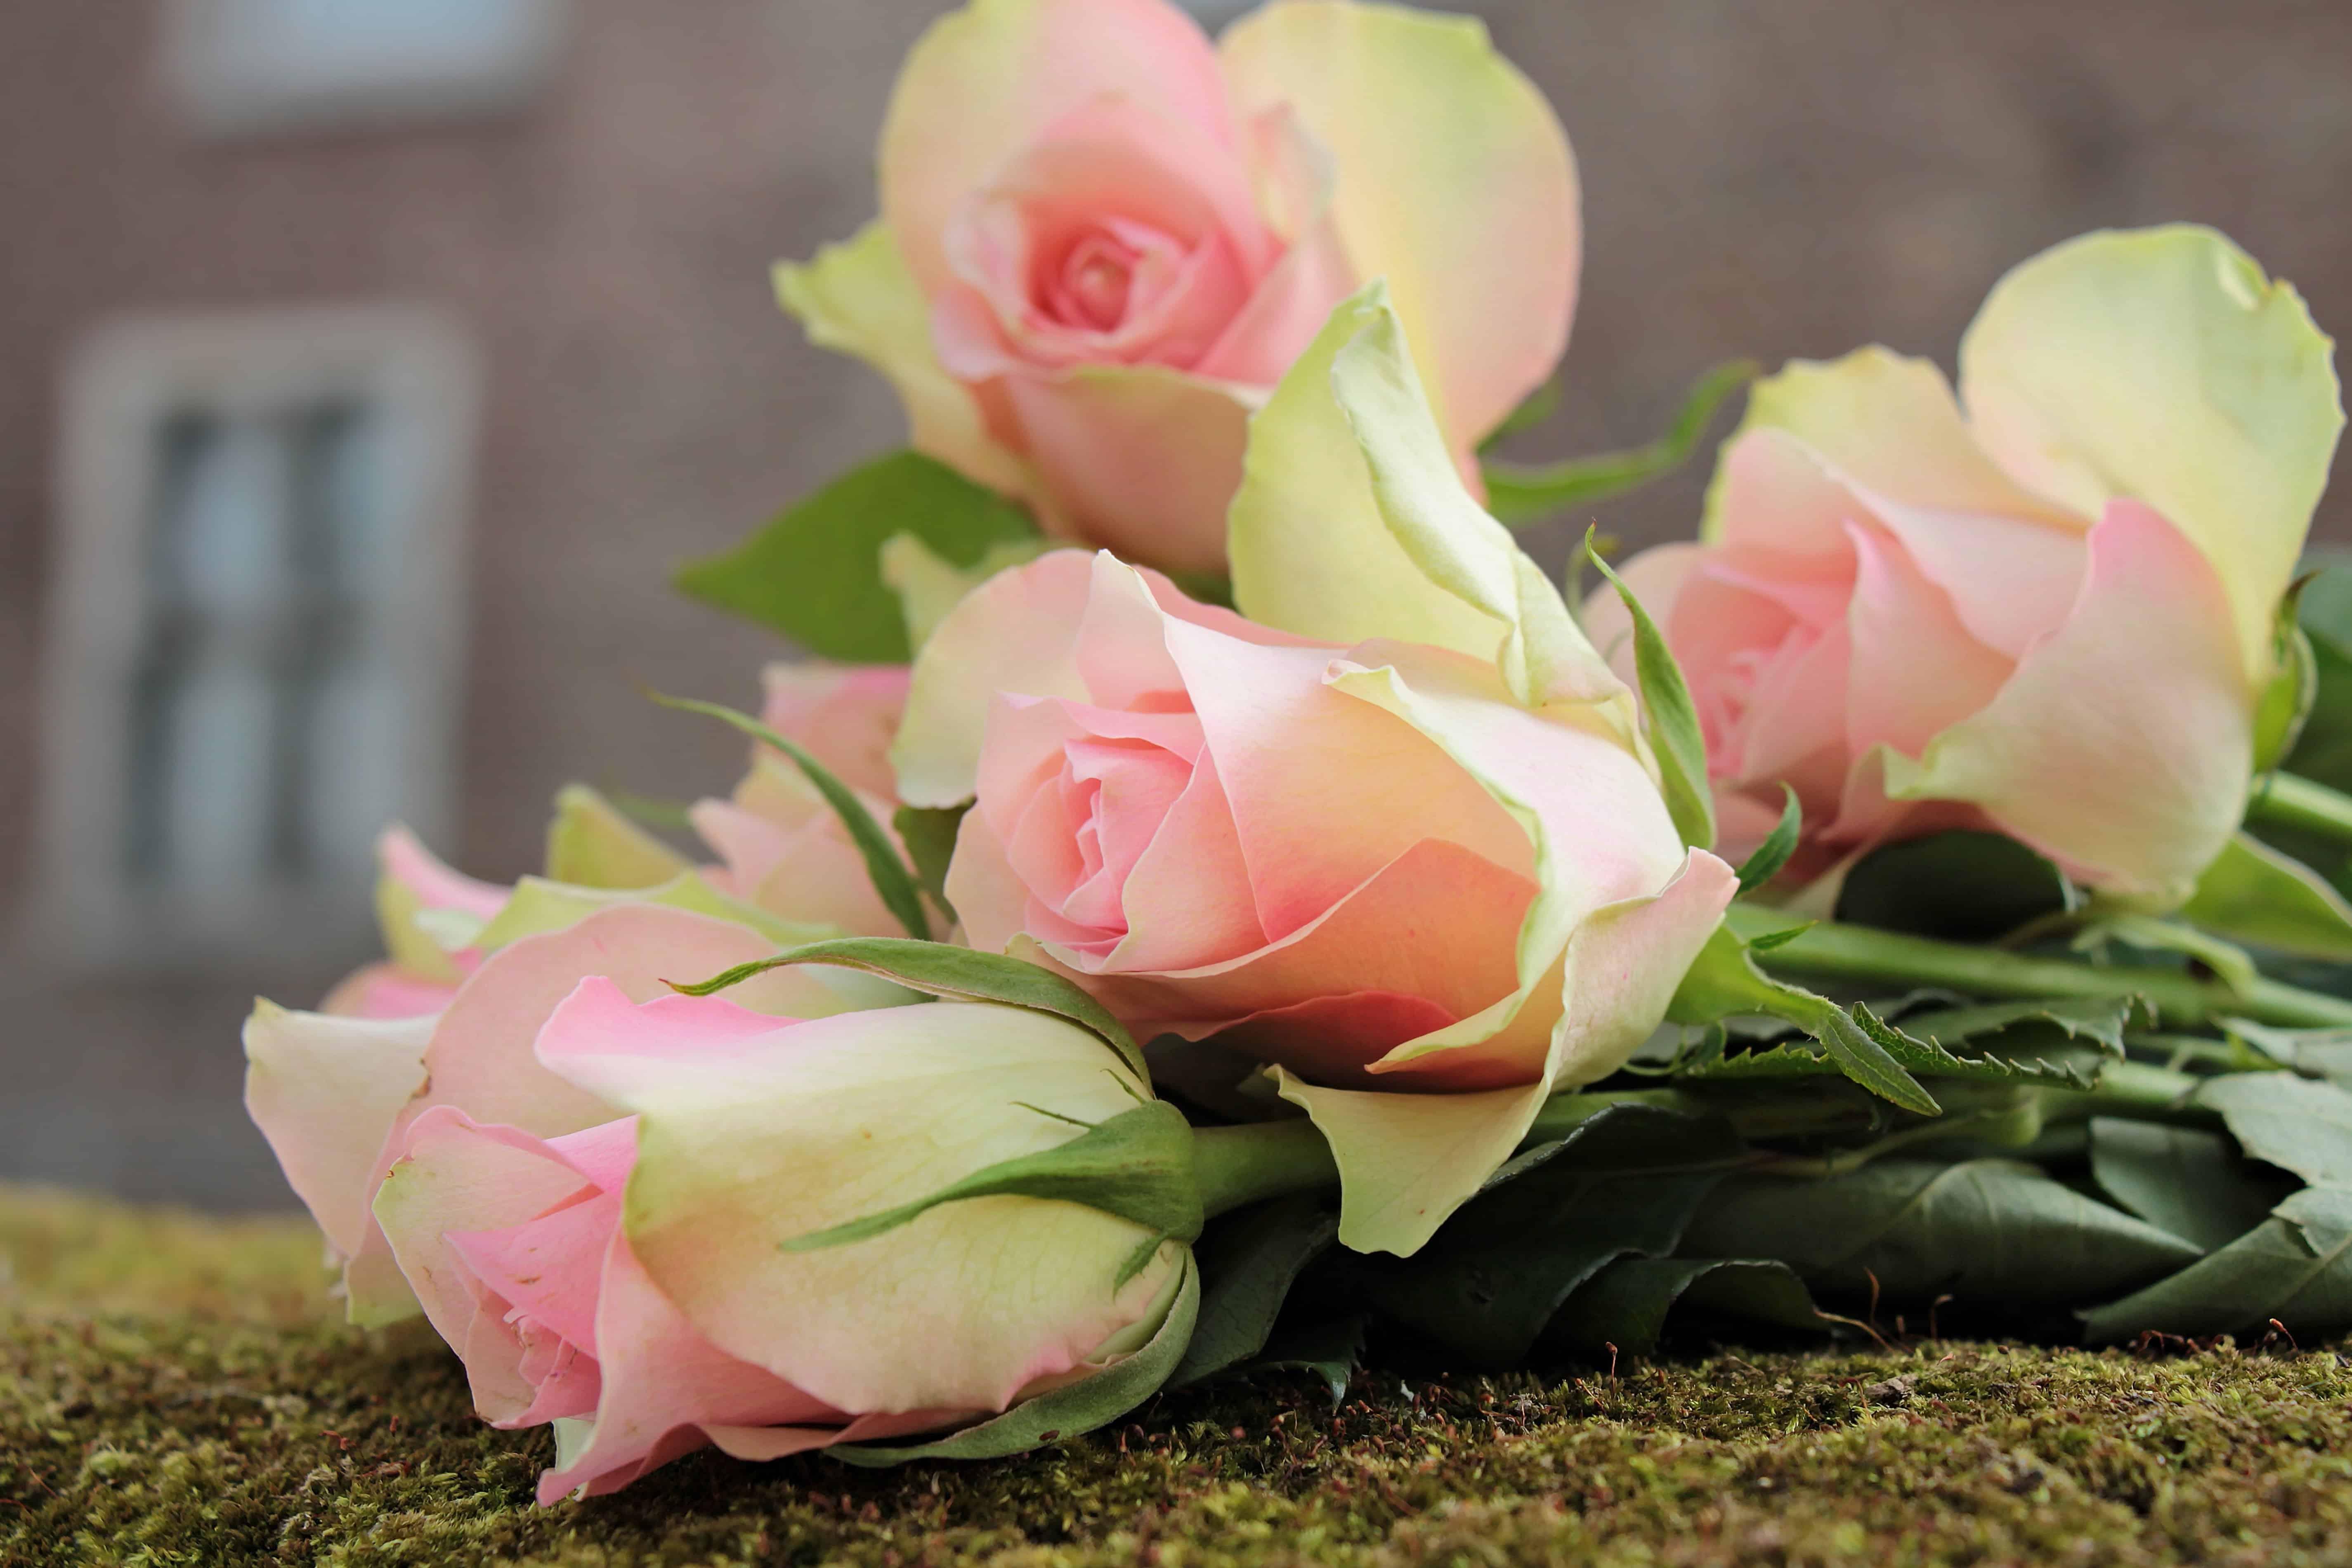 Free Picture Nature Flower Bouquet Petal Rose Arrangement